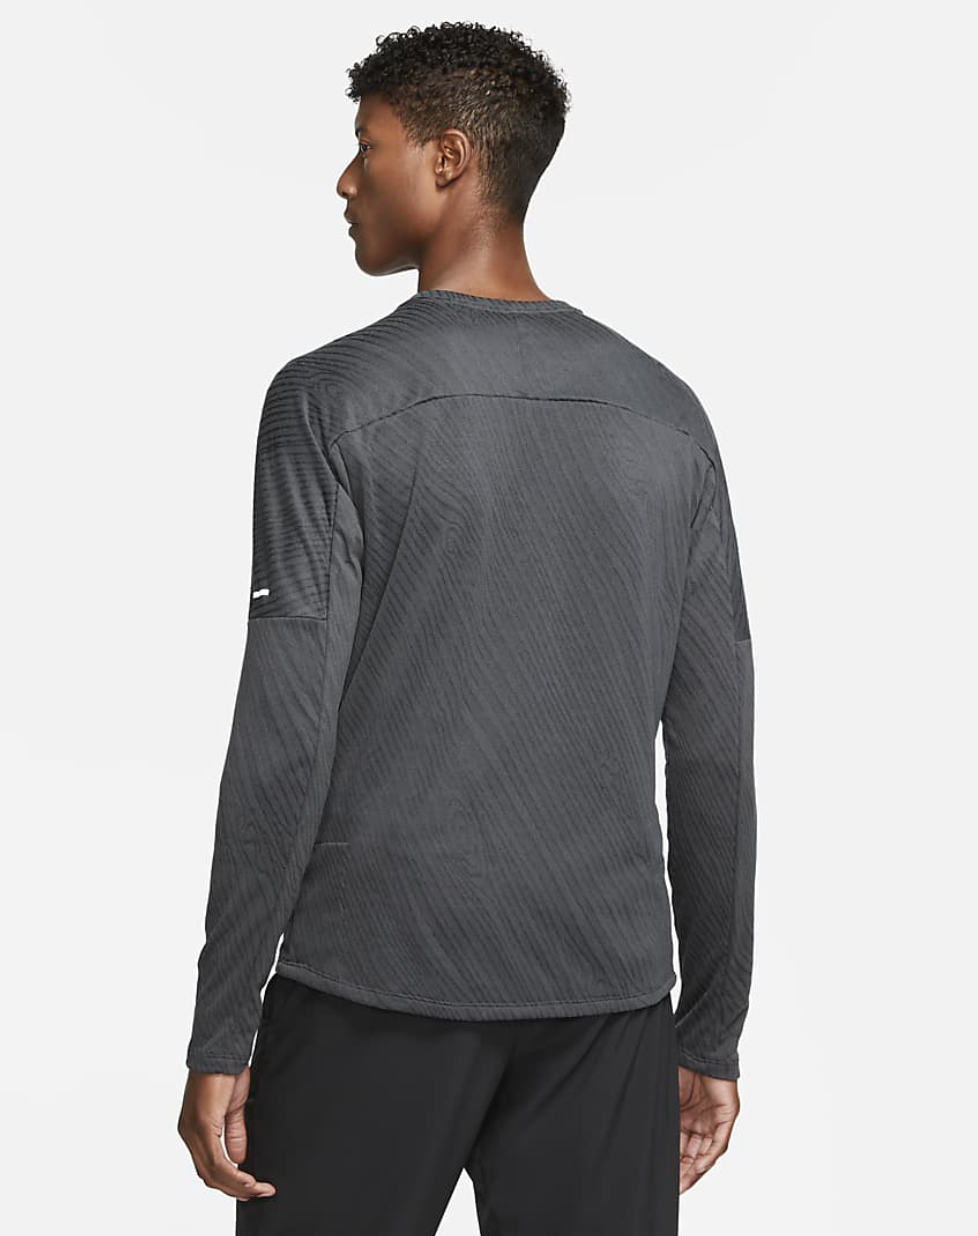 Bilde av Nike mens elmnt top trail CZ9056-010